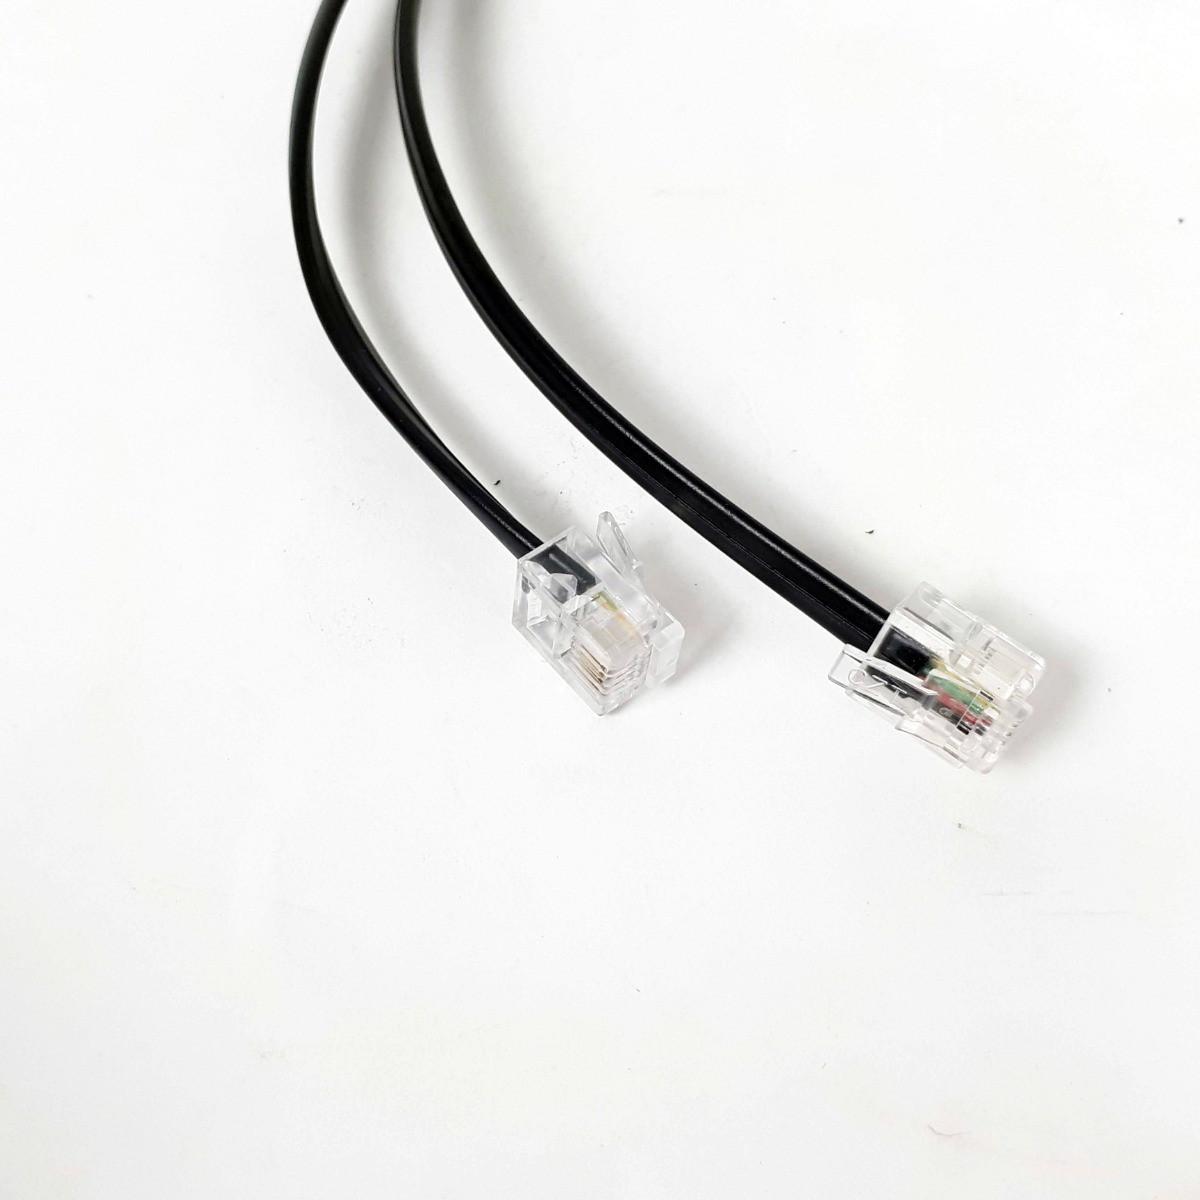 Cabo Extensor Para Telefone Com Plug Rj11 2 Metros Preto